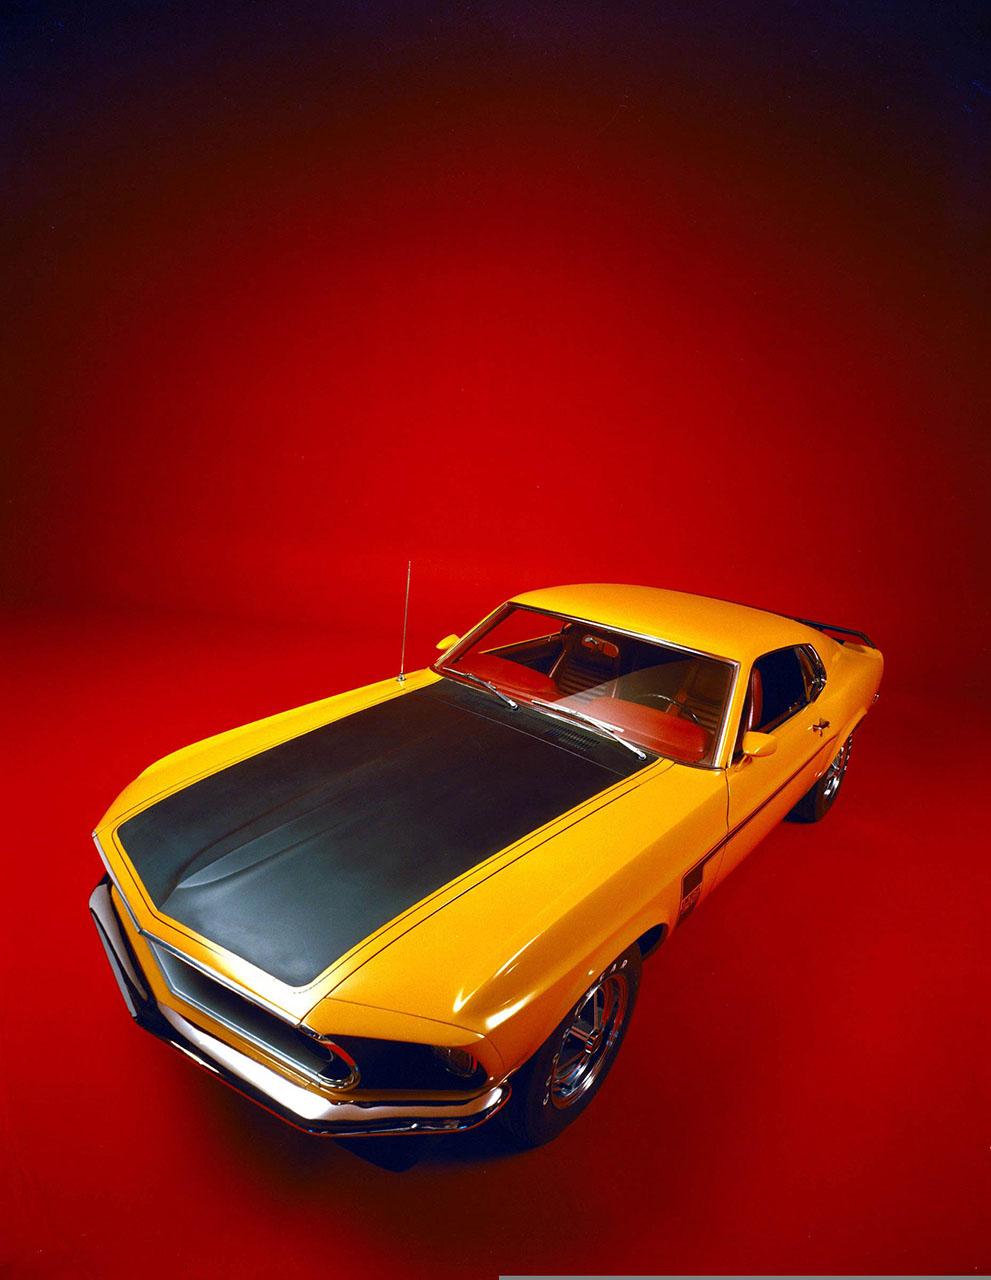 Постер на подрамнике Mustang-32